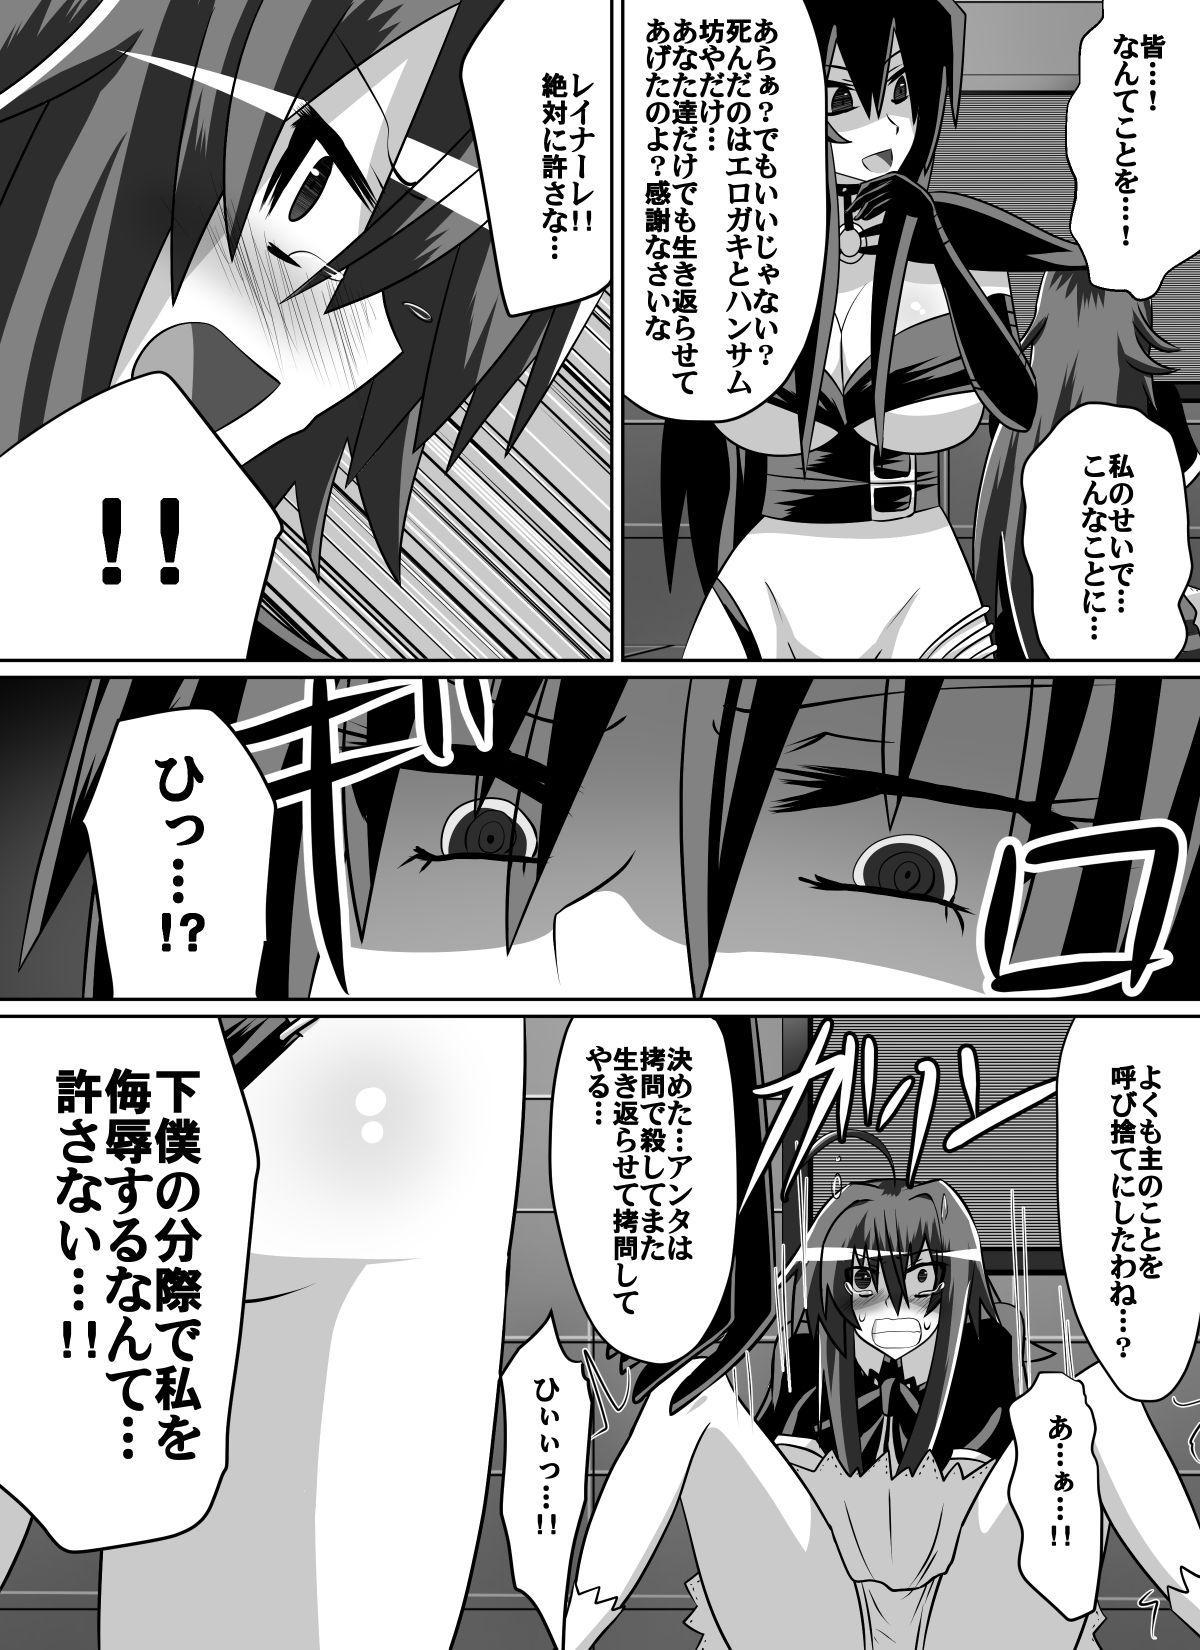 Benigami no Messatsuki ~Teki Onna ni Juurin Sareru Kouketsu Shoujo 37